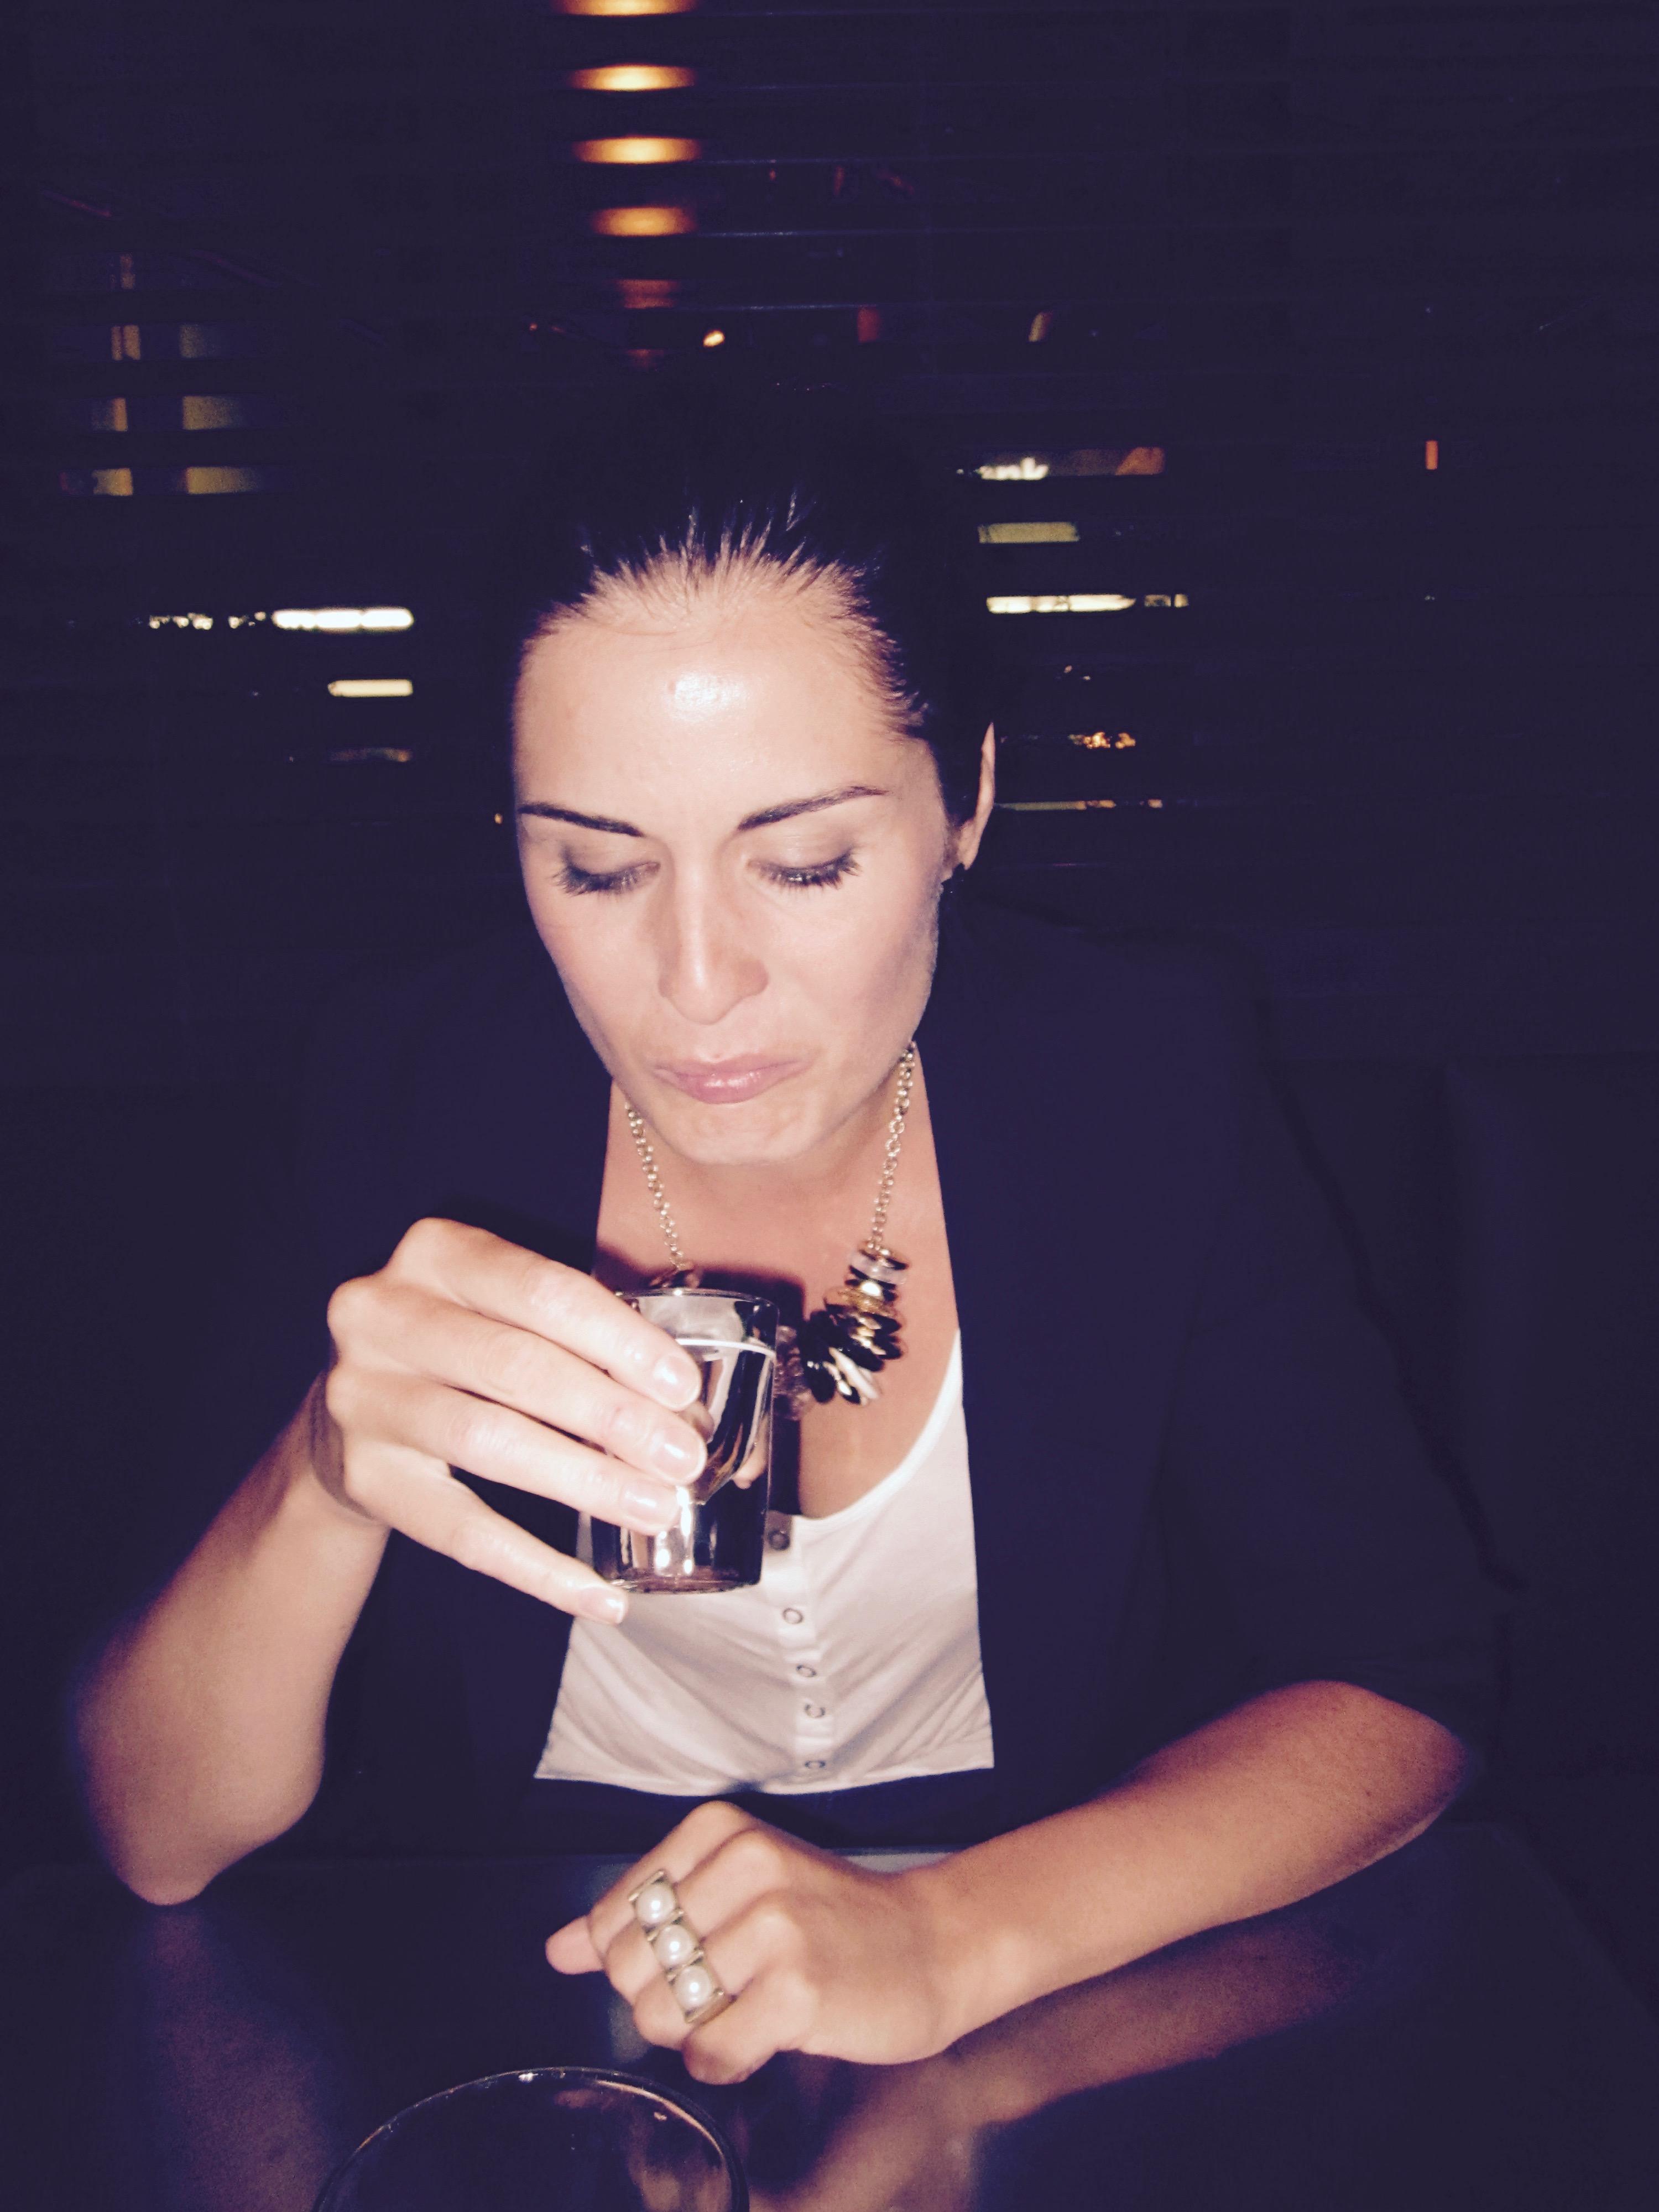 IMG 0713 - Du drikker som en grønlænder!